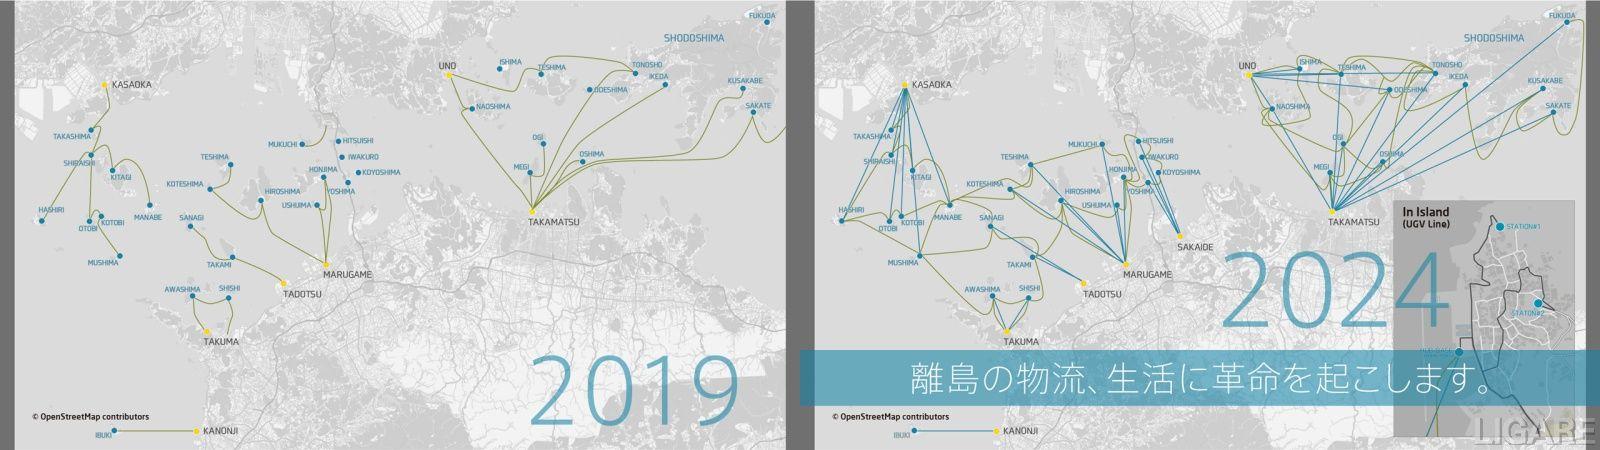 左:2019年時点の瀬戸内海の航路図、右:2024年の航路図+物流ネットワーク